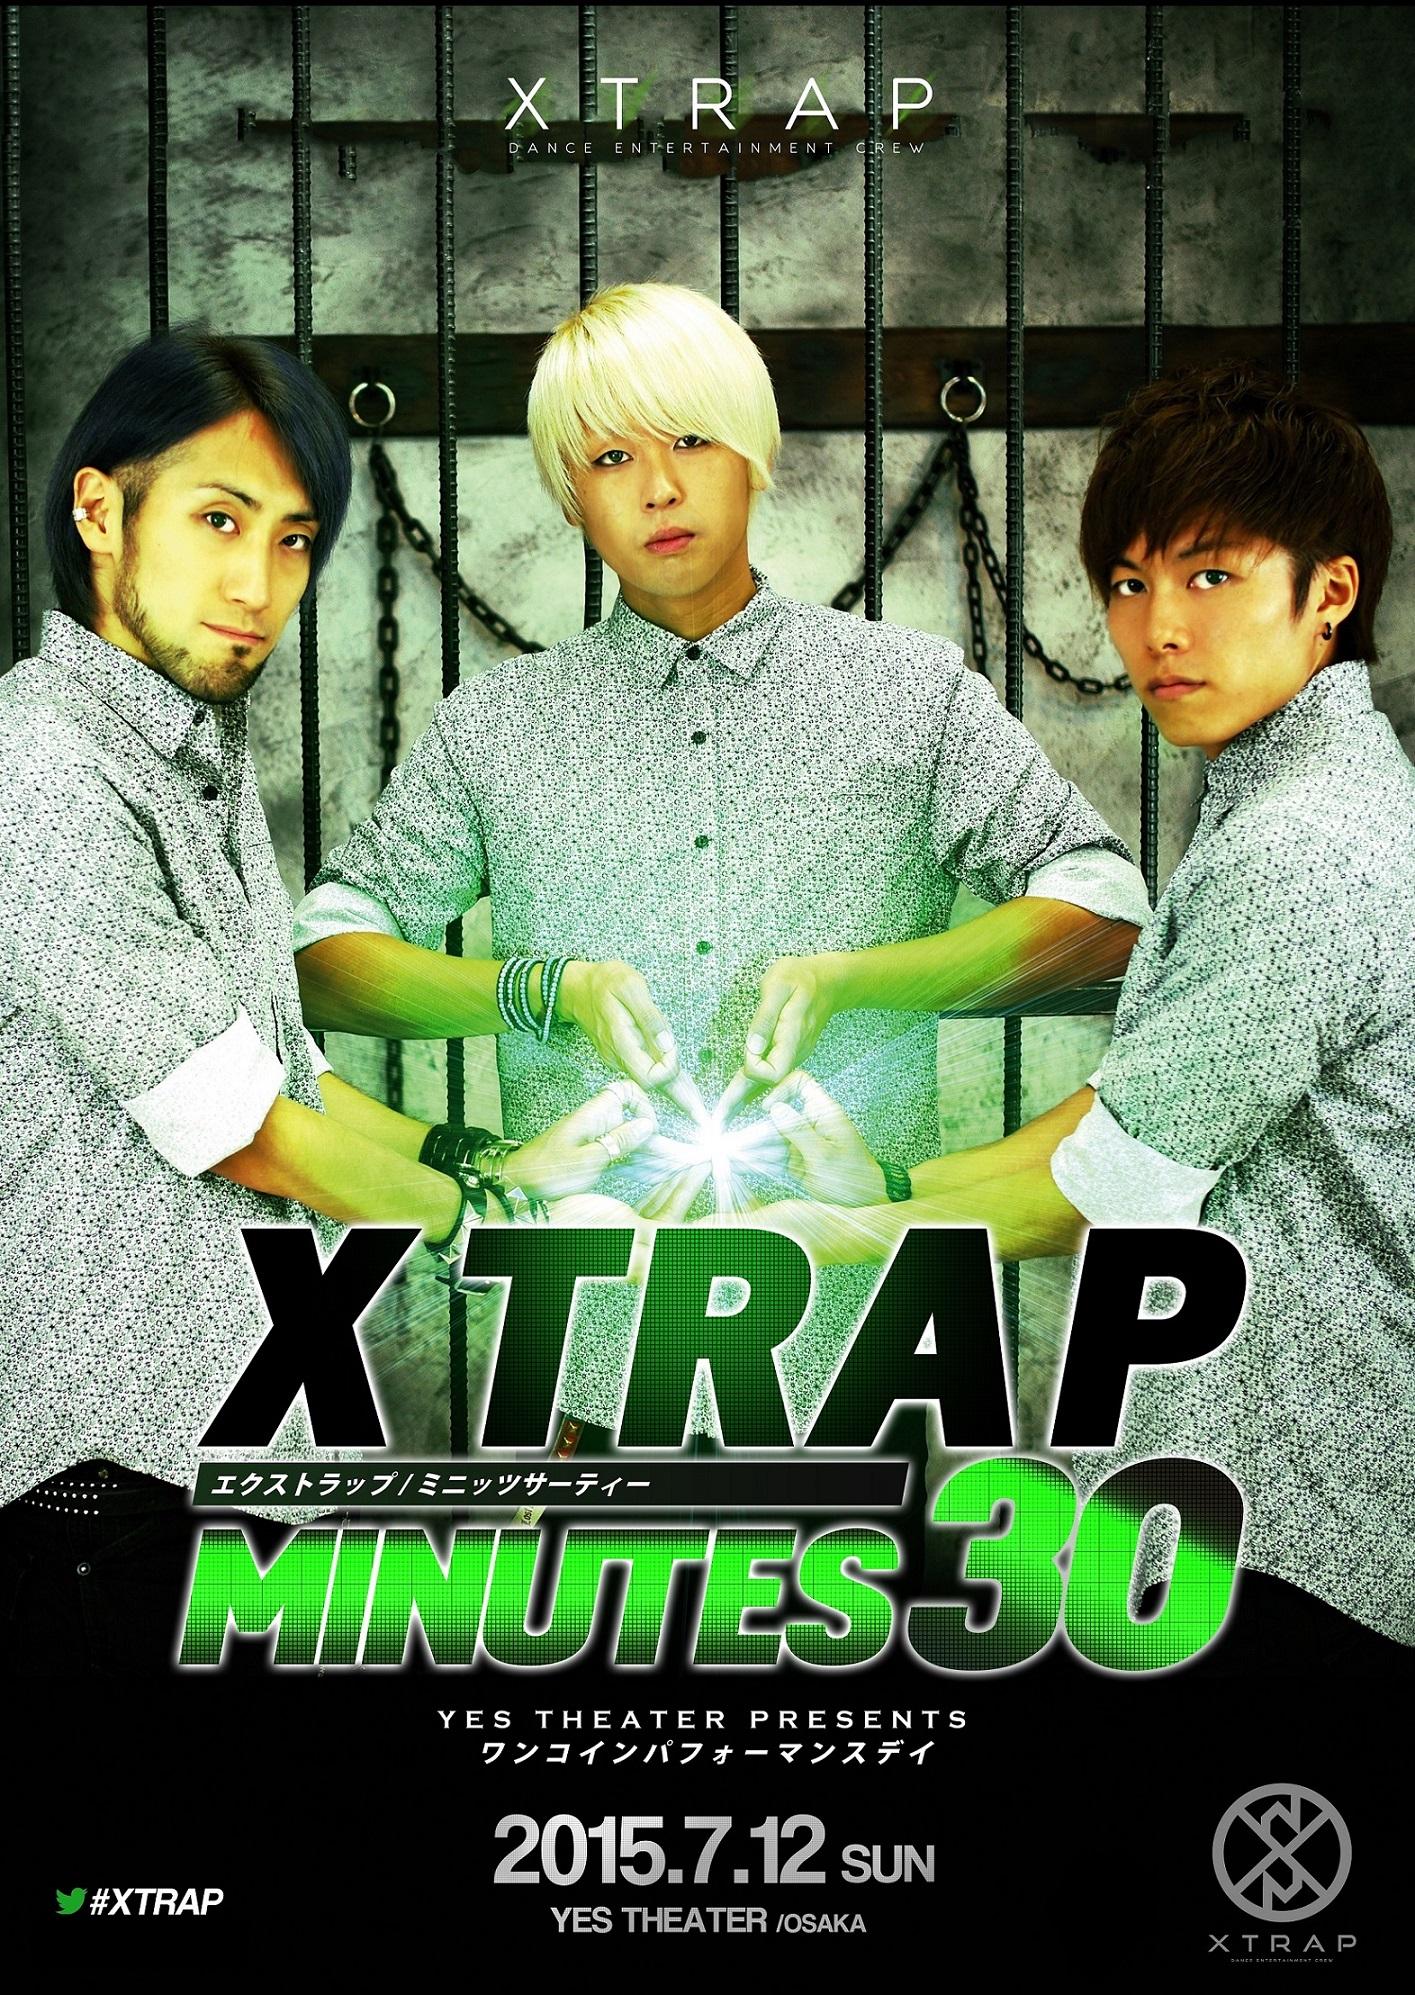 平成27年7月12日(日) XTRAP minutes30(エクストラップ/ミニッツサーティー)